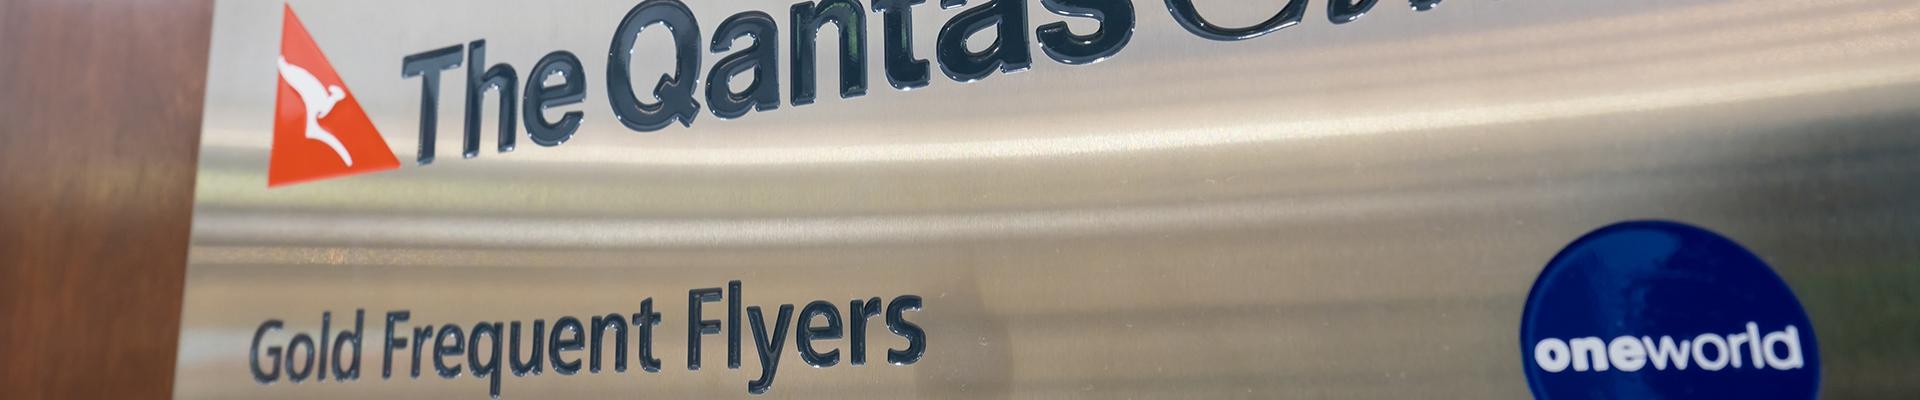 Lobby Logo Sign - Qantas Club